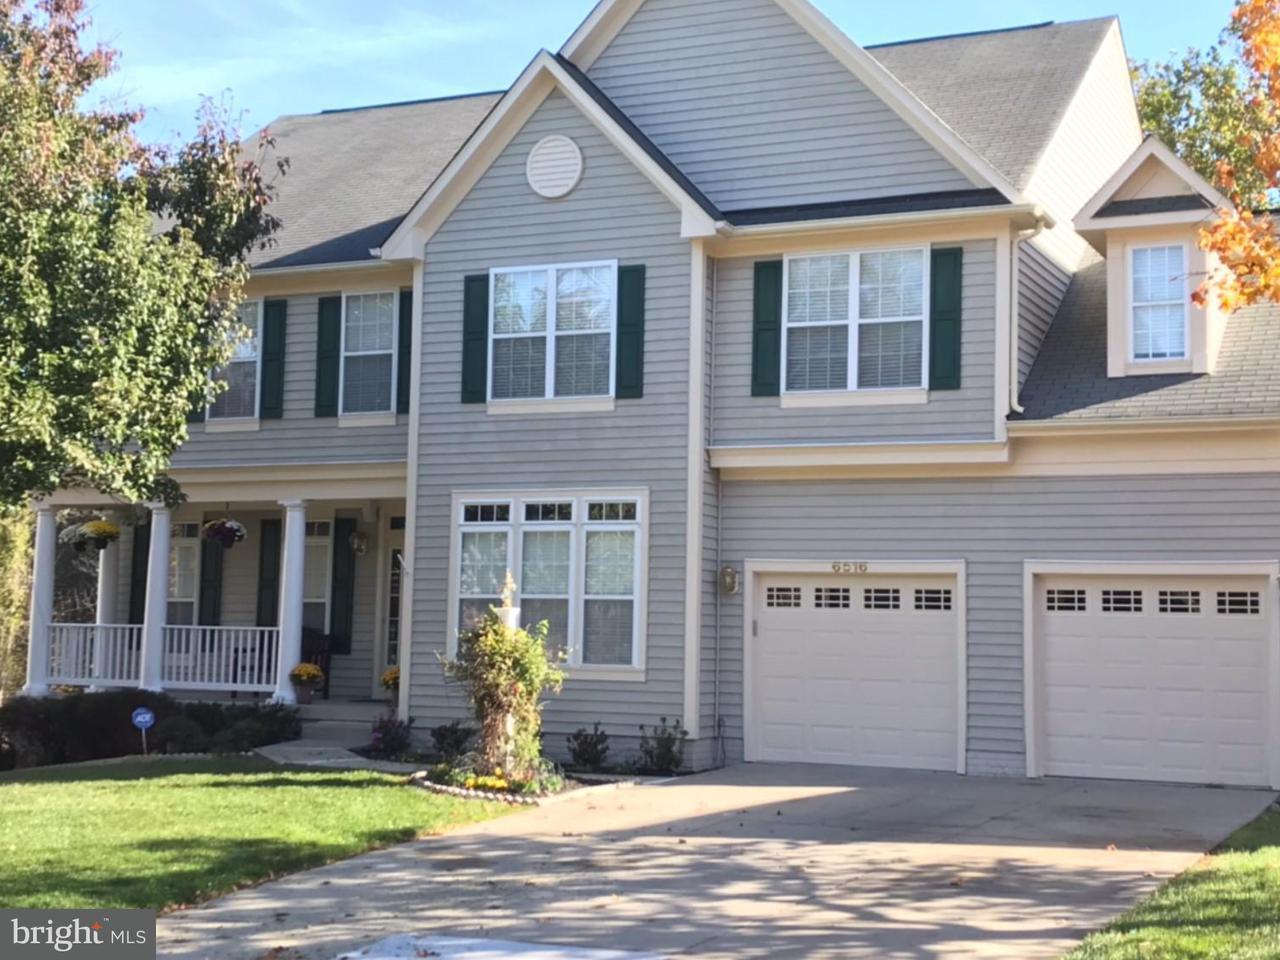 Частный односемейный дом для того Продажа на 6516 Early Lily Row 6516 Early Lily Row Columbia, Мэриленд 21044 Соединенные Штаты